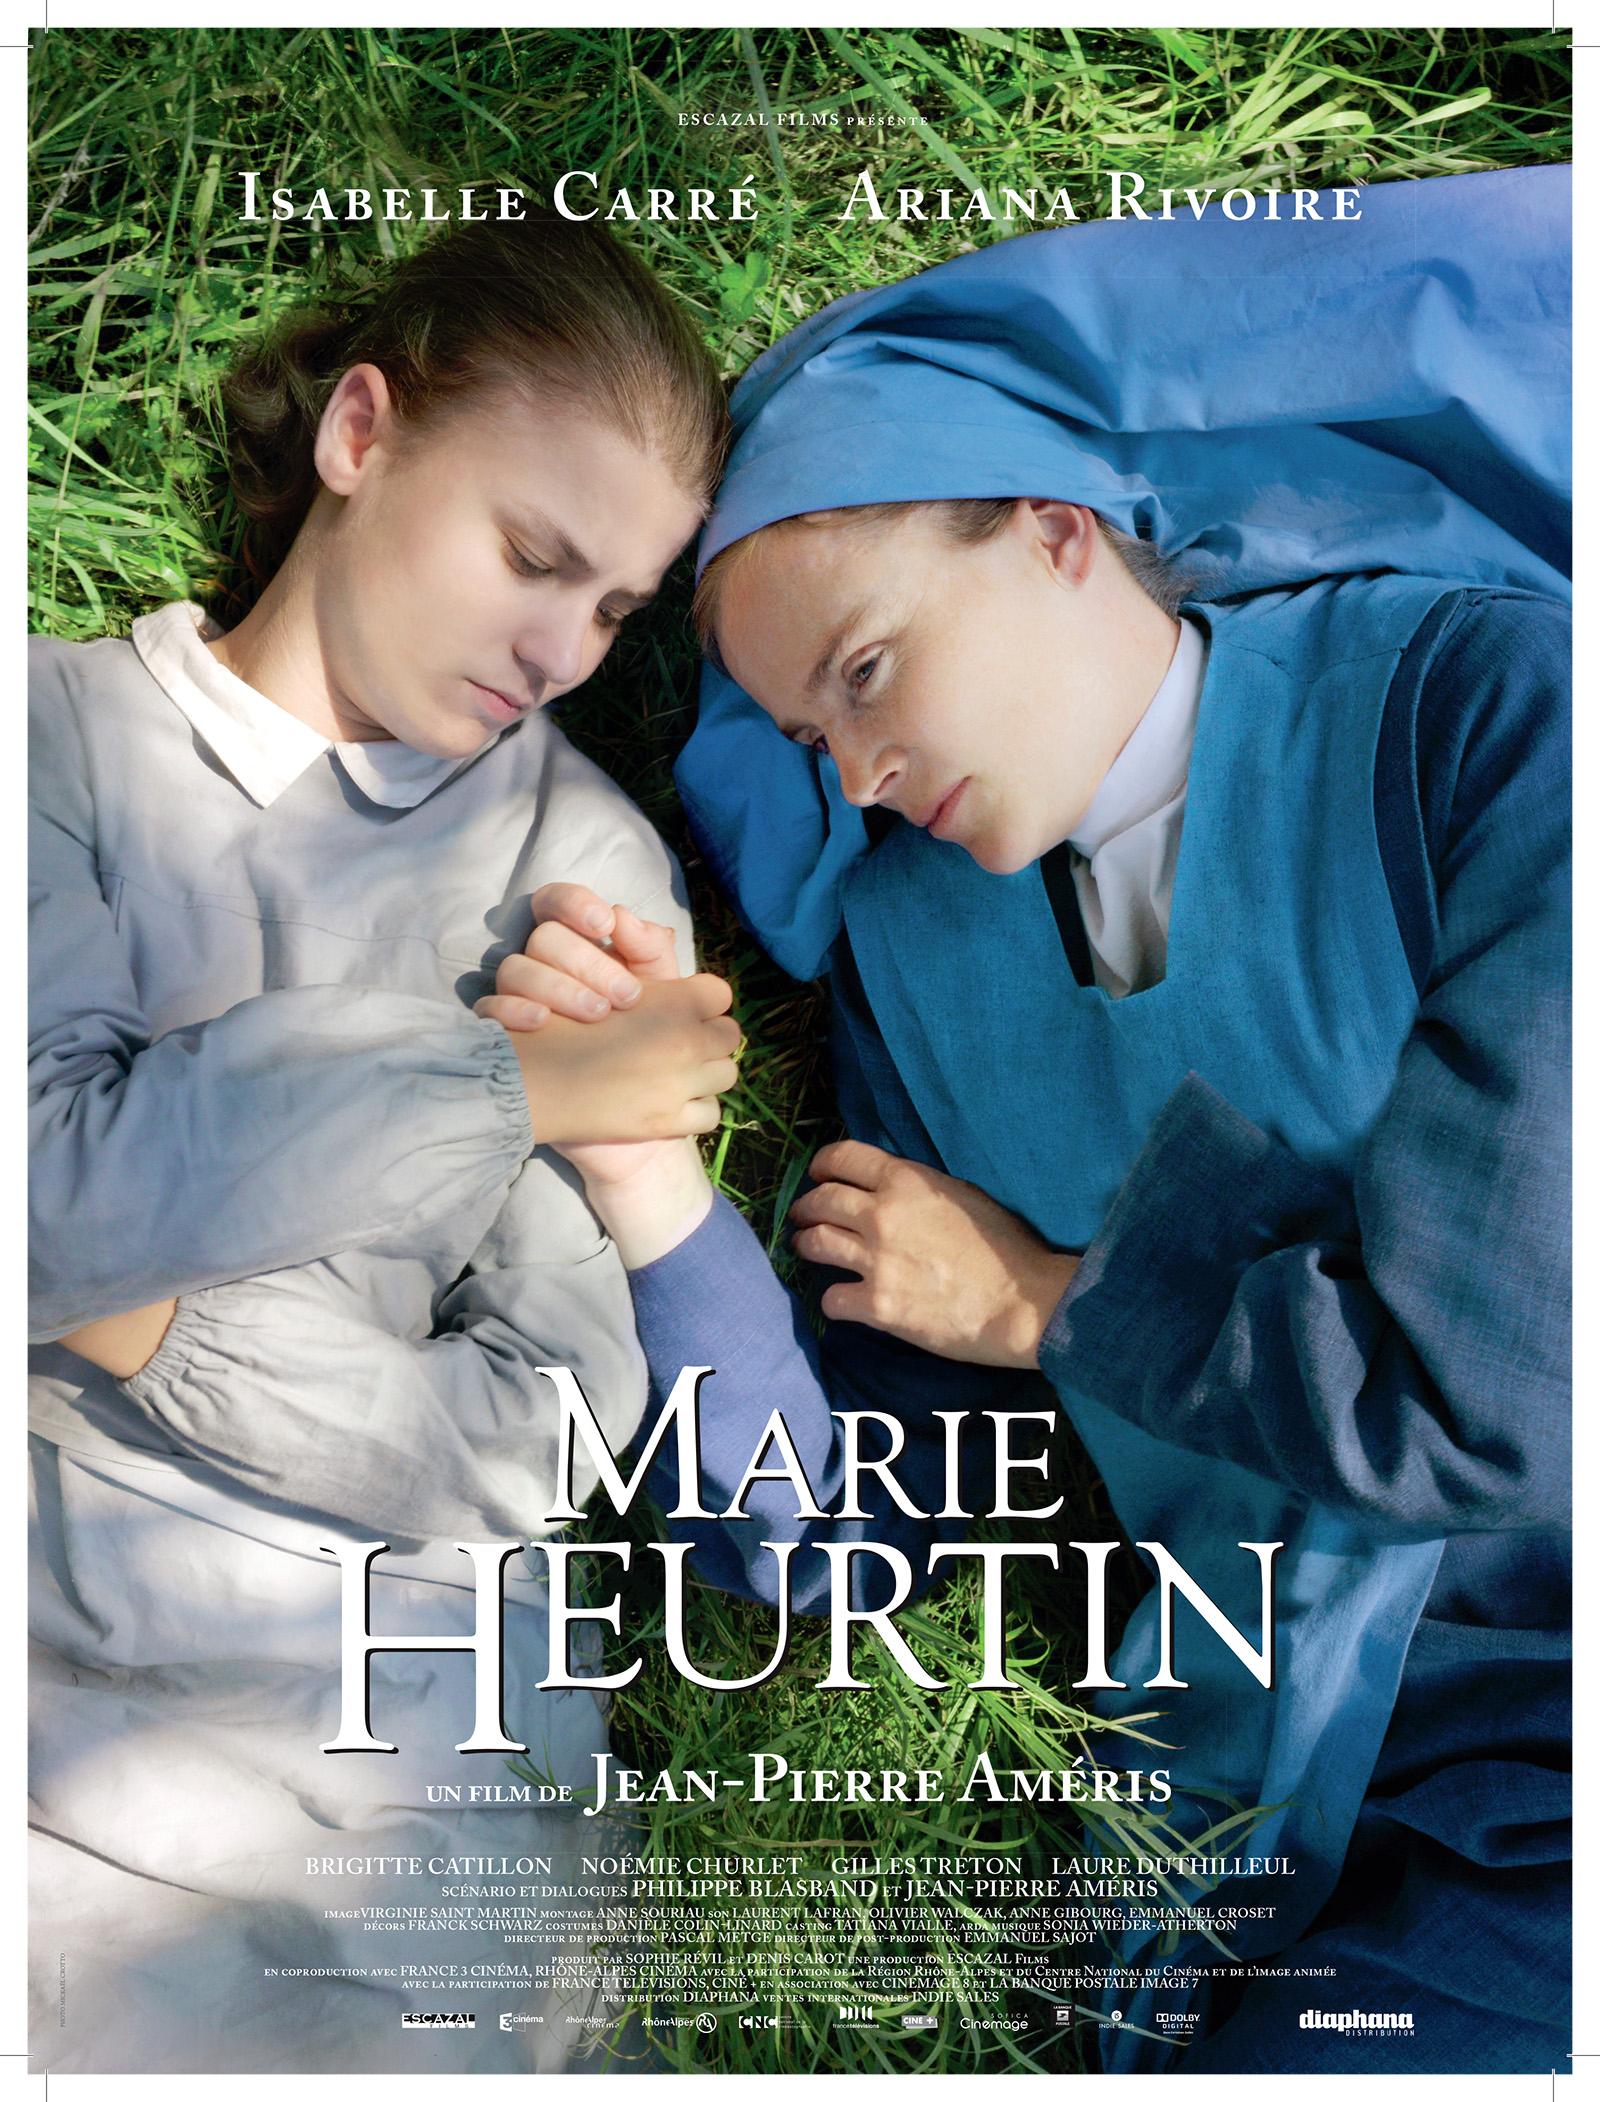 [Critique] Marie Heurtin